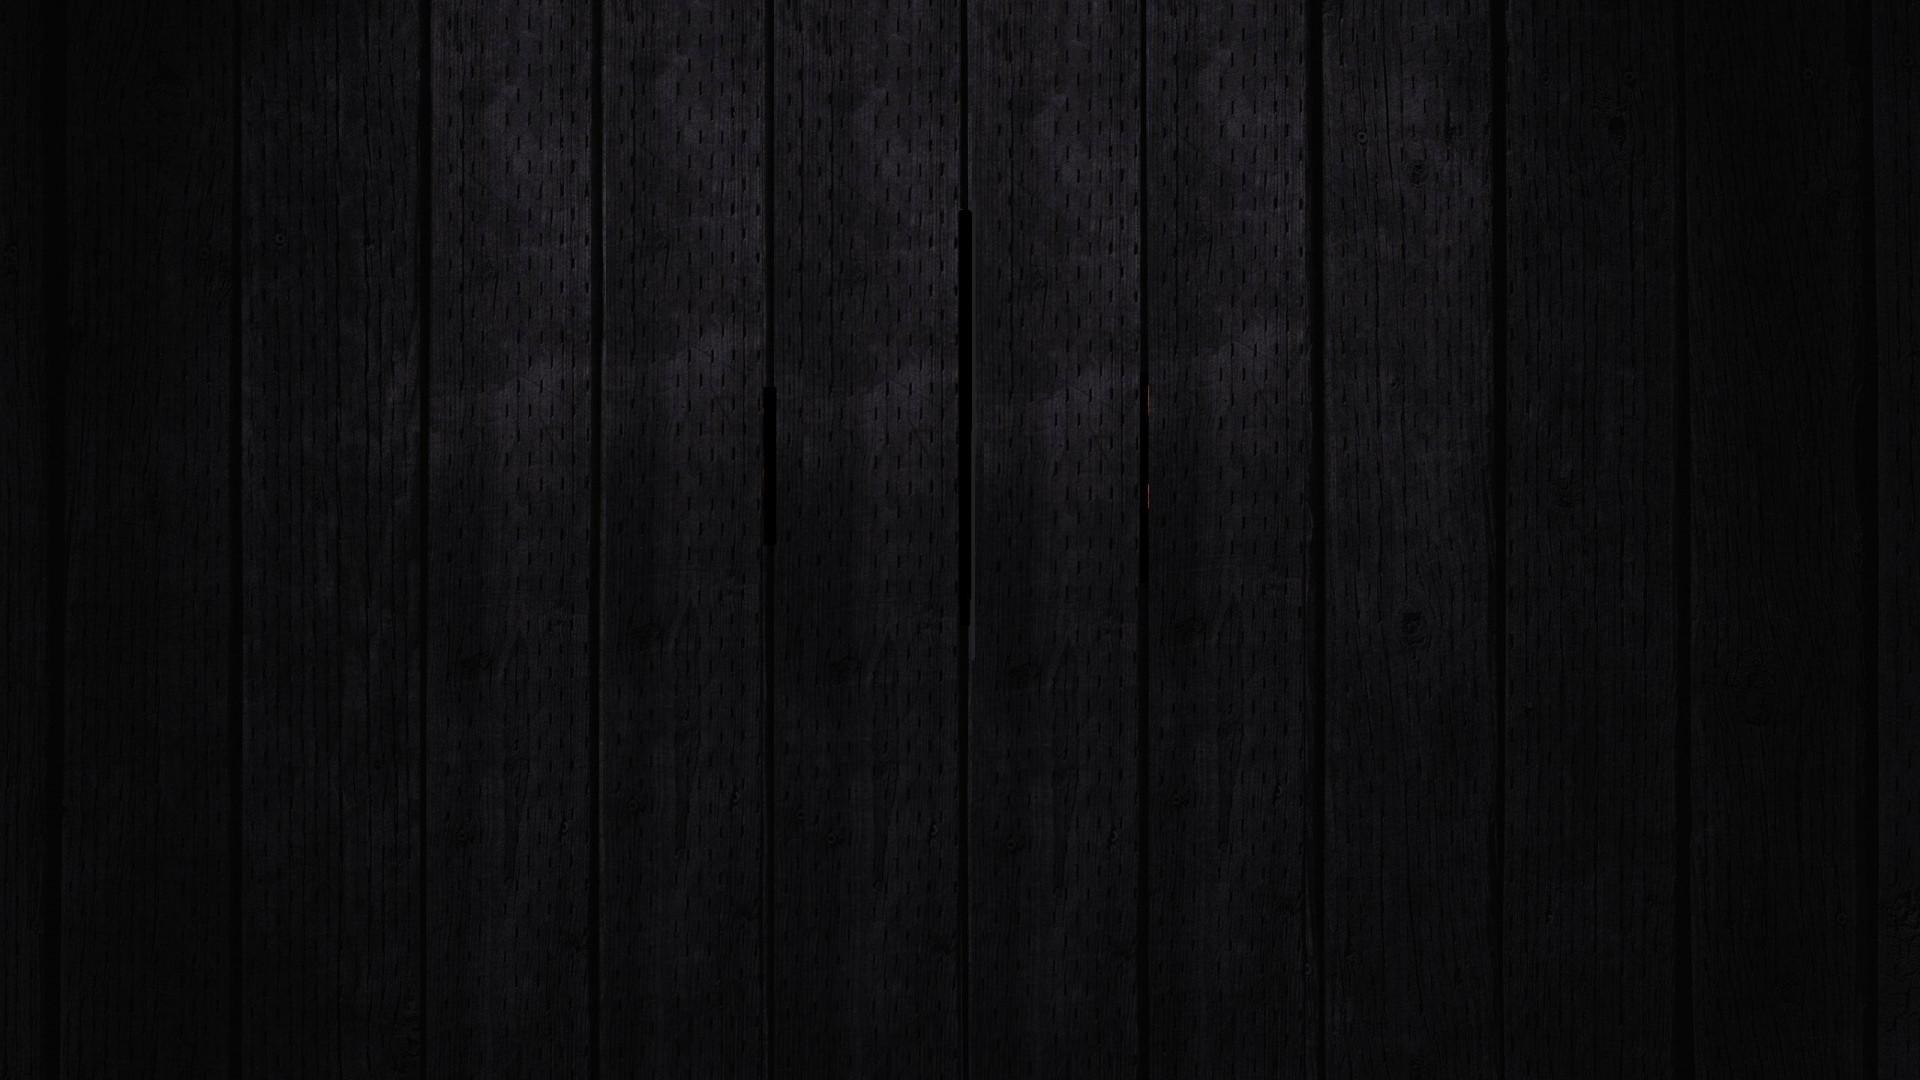 Dark Wallpaper Hd 75 Pictures